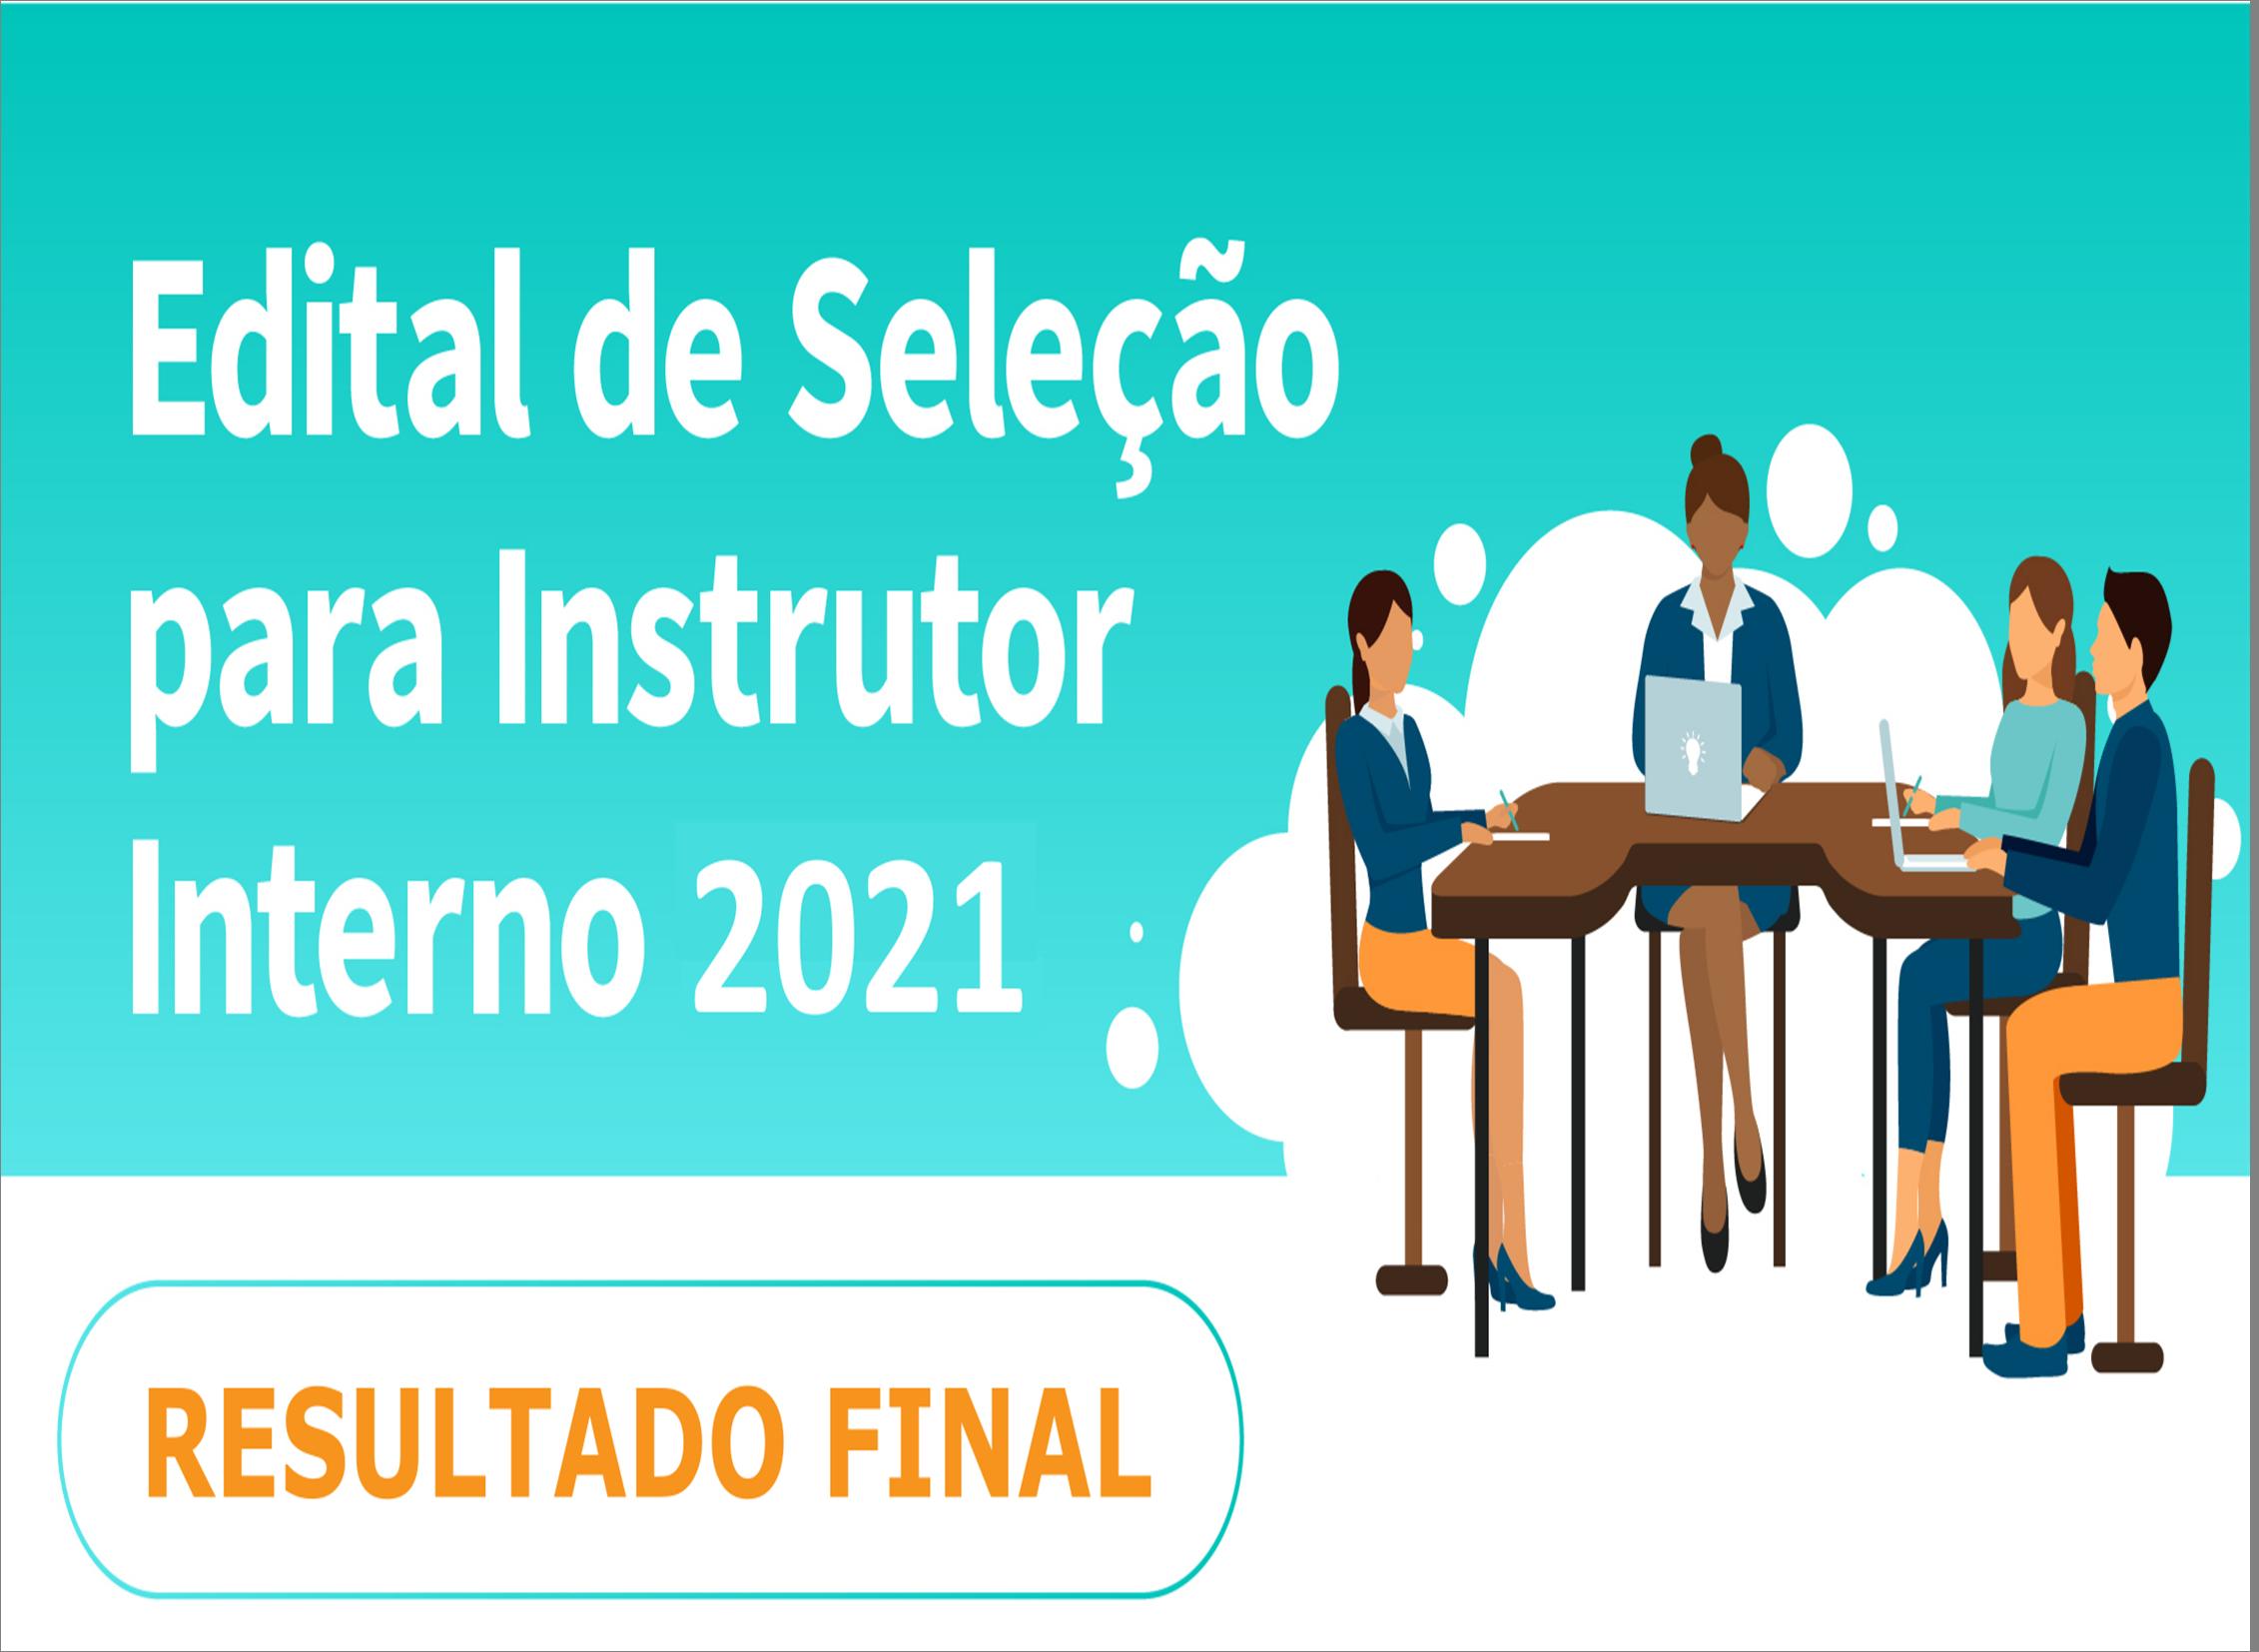 Resultado Final! Edital de Seleção de Instrutores Internos da UFAM 2021